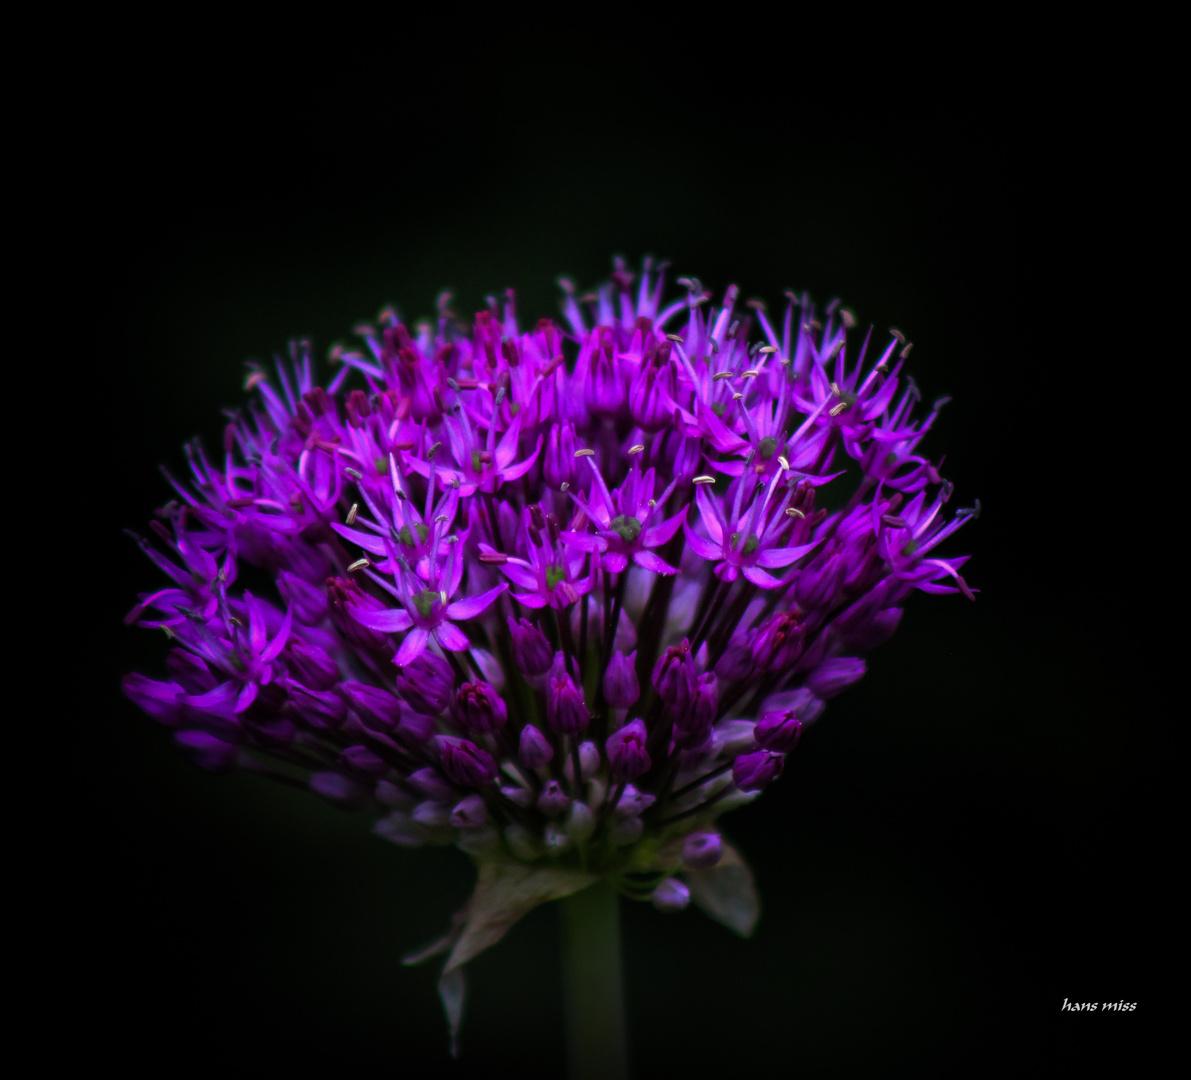 viele kleine Blüten